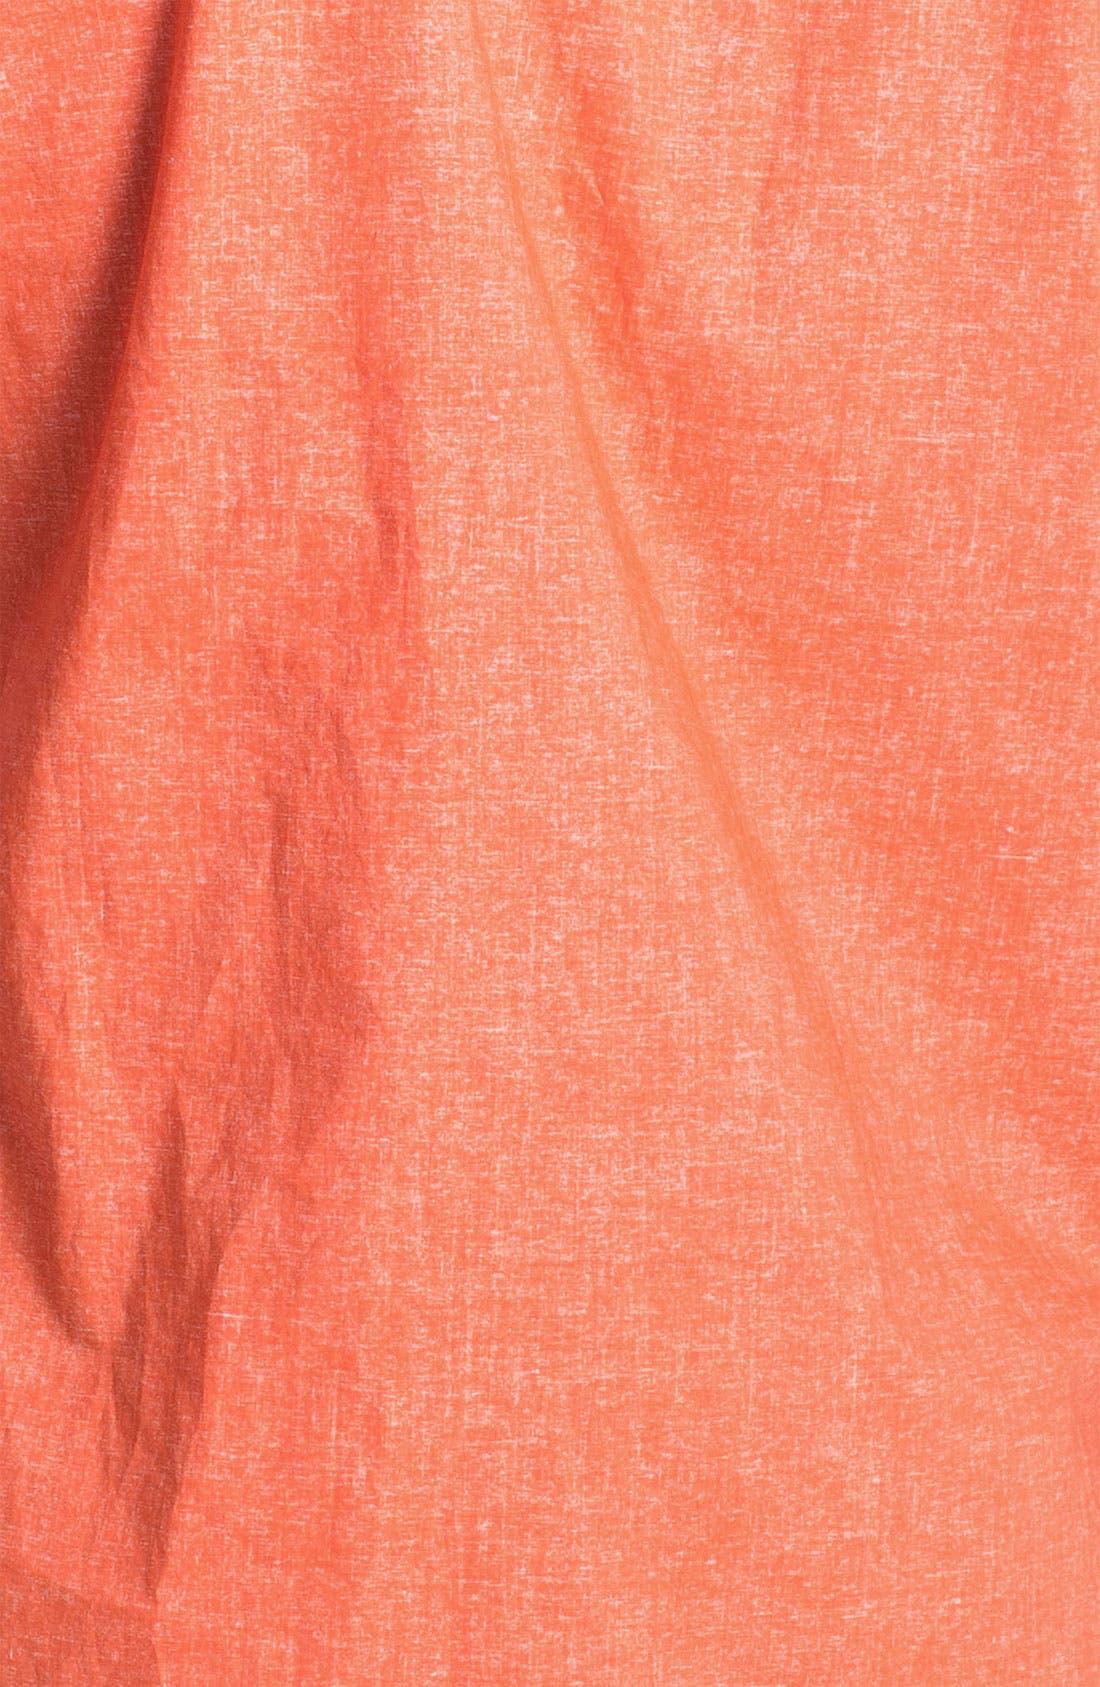 Alternate Image 3  - Vans 'Redding' Pullover Woven Shirt